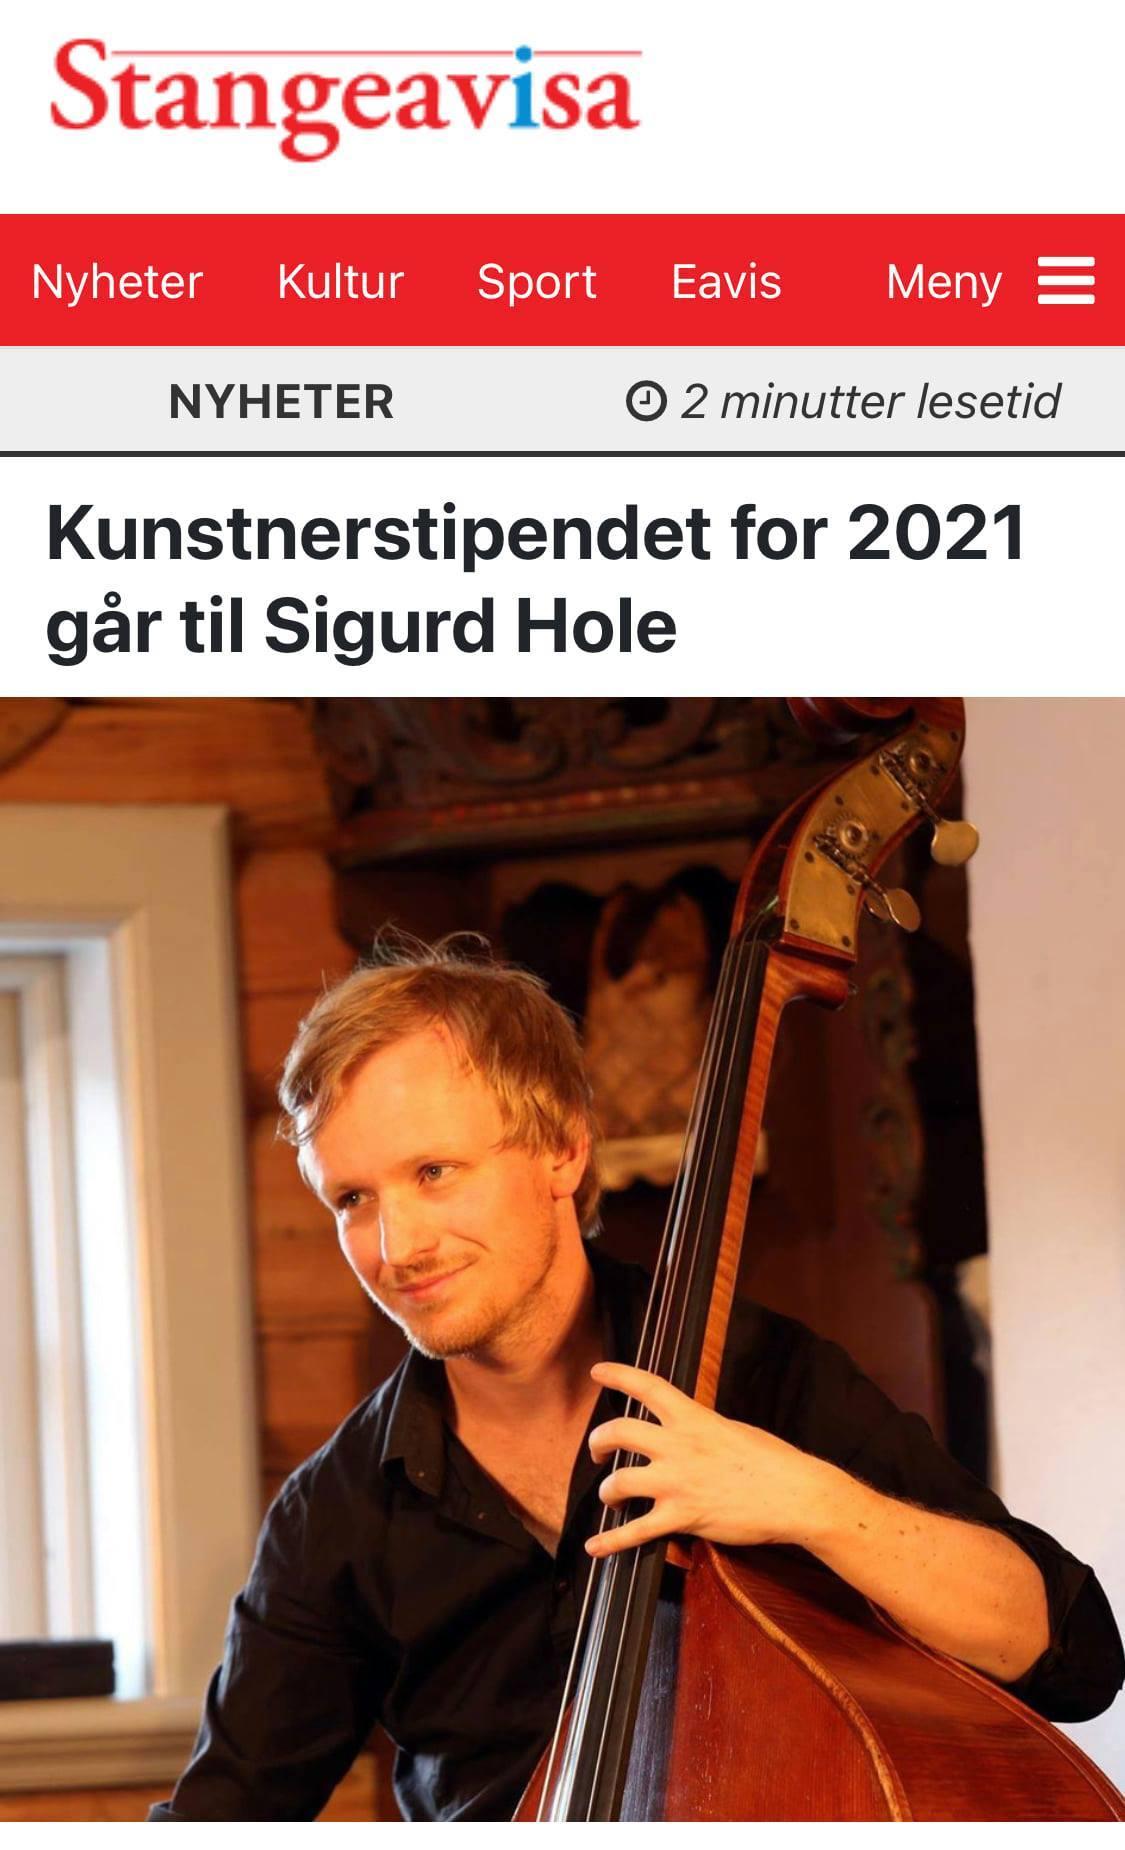 ノルウェー、ダブルベース奏者 Sigurd Hole (スィッガード・ホール)に奨学金_e0081206_08153516.jpg